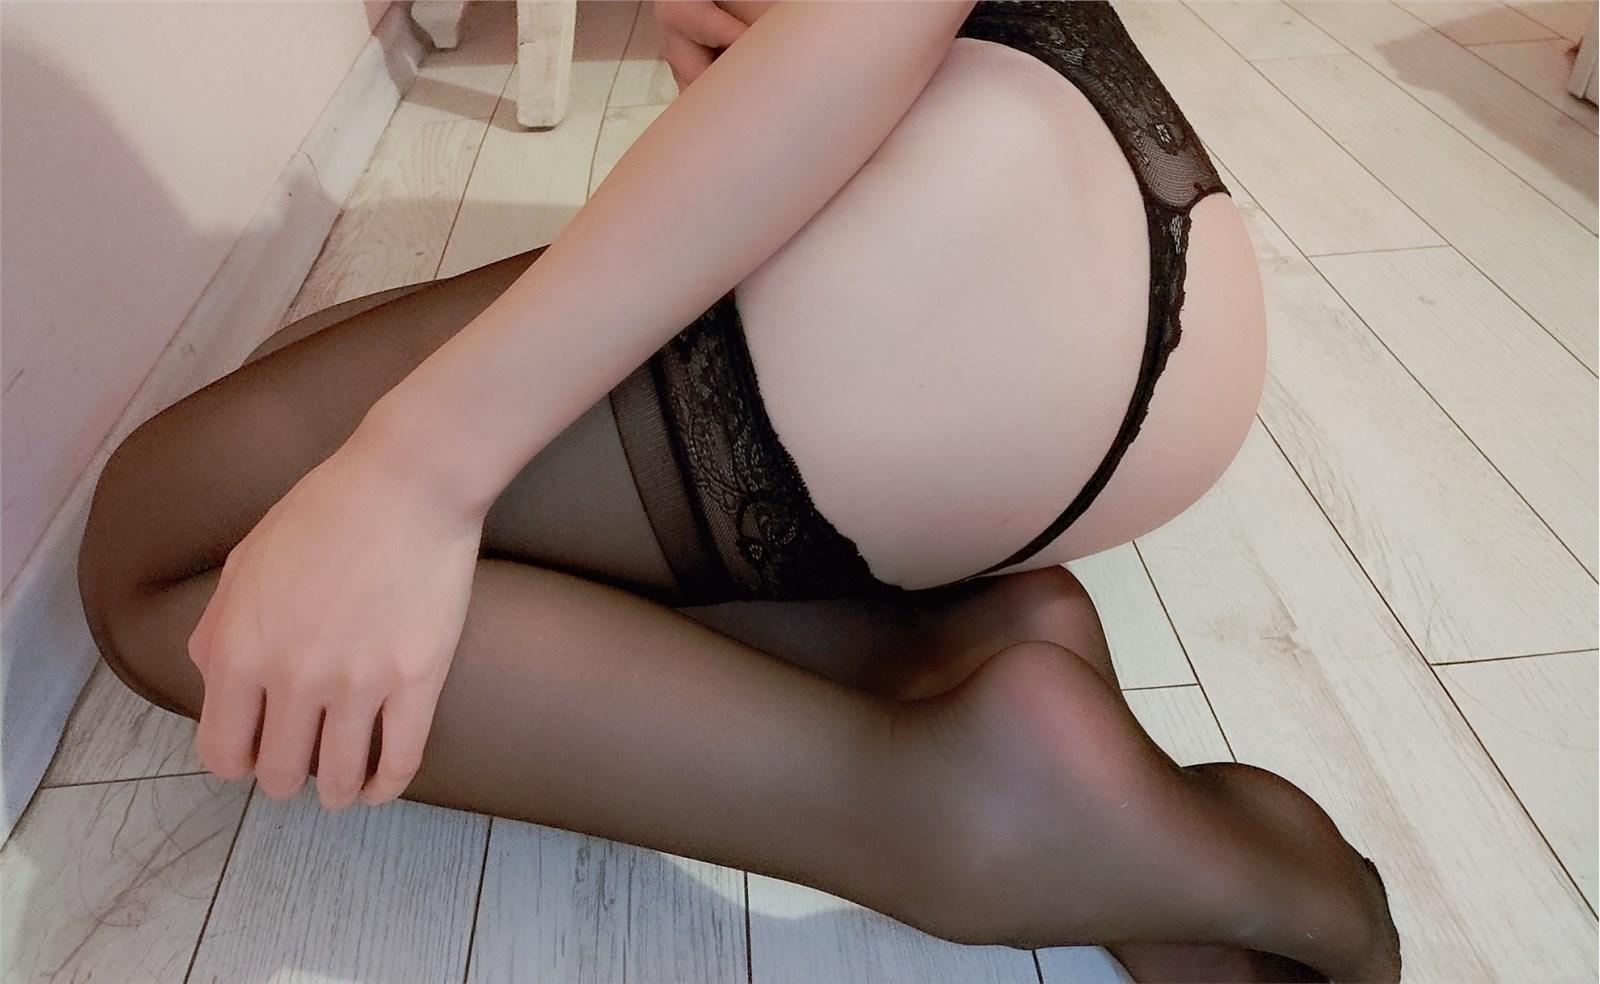 斗鱼小小玉酱 - NO.02 巨乳黑丝